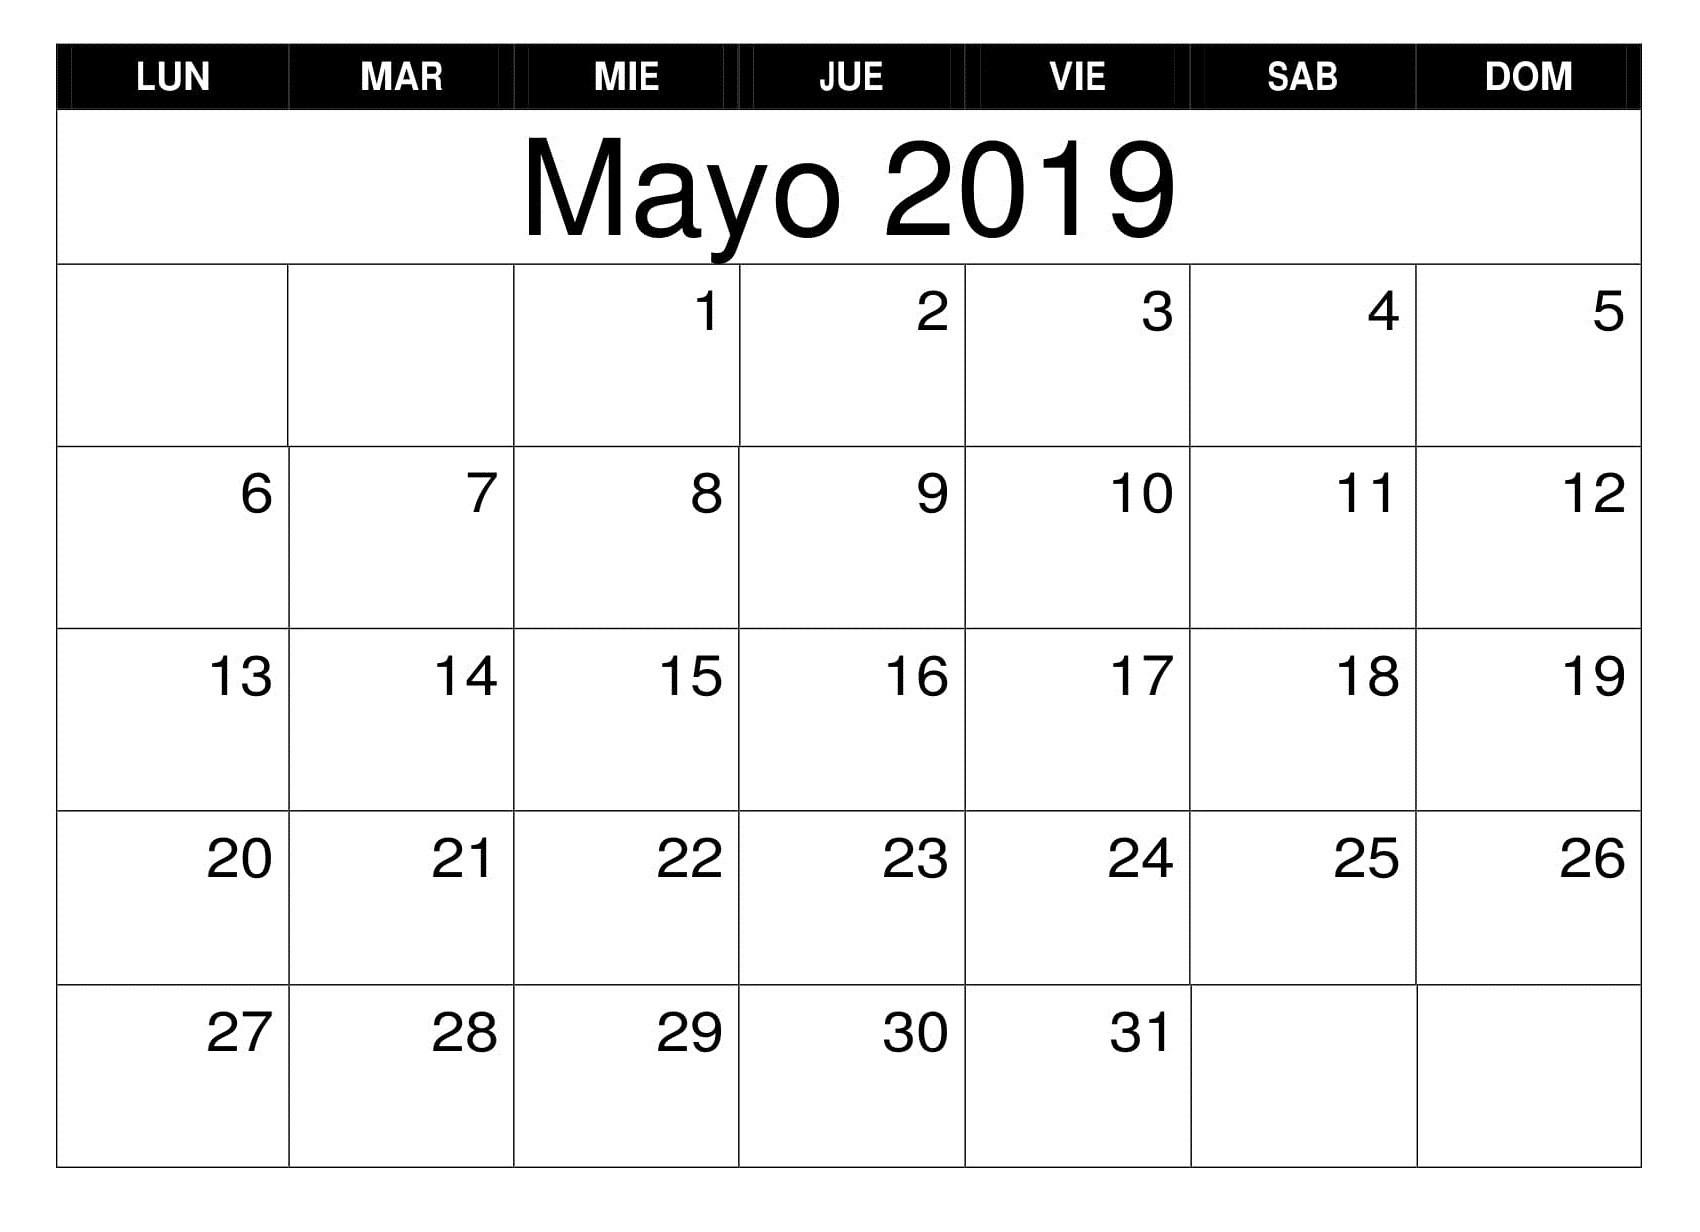 Calendario Para Imprimir Septiembre De 2019 Más Recientes Calendario Diciembre De 2019 53ld Calendario T Of Calendario Para Imprimir Septiembre De 2019 Más Caliente 255 Mejores Imágenes De Agenda En 2019